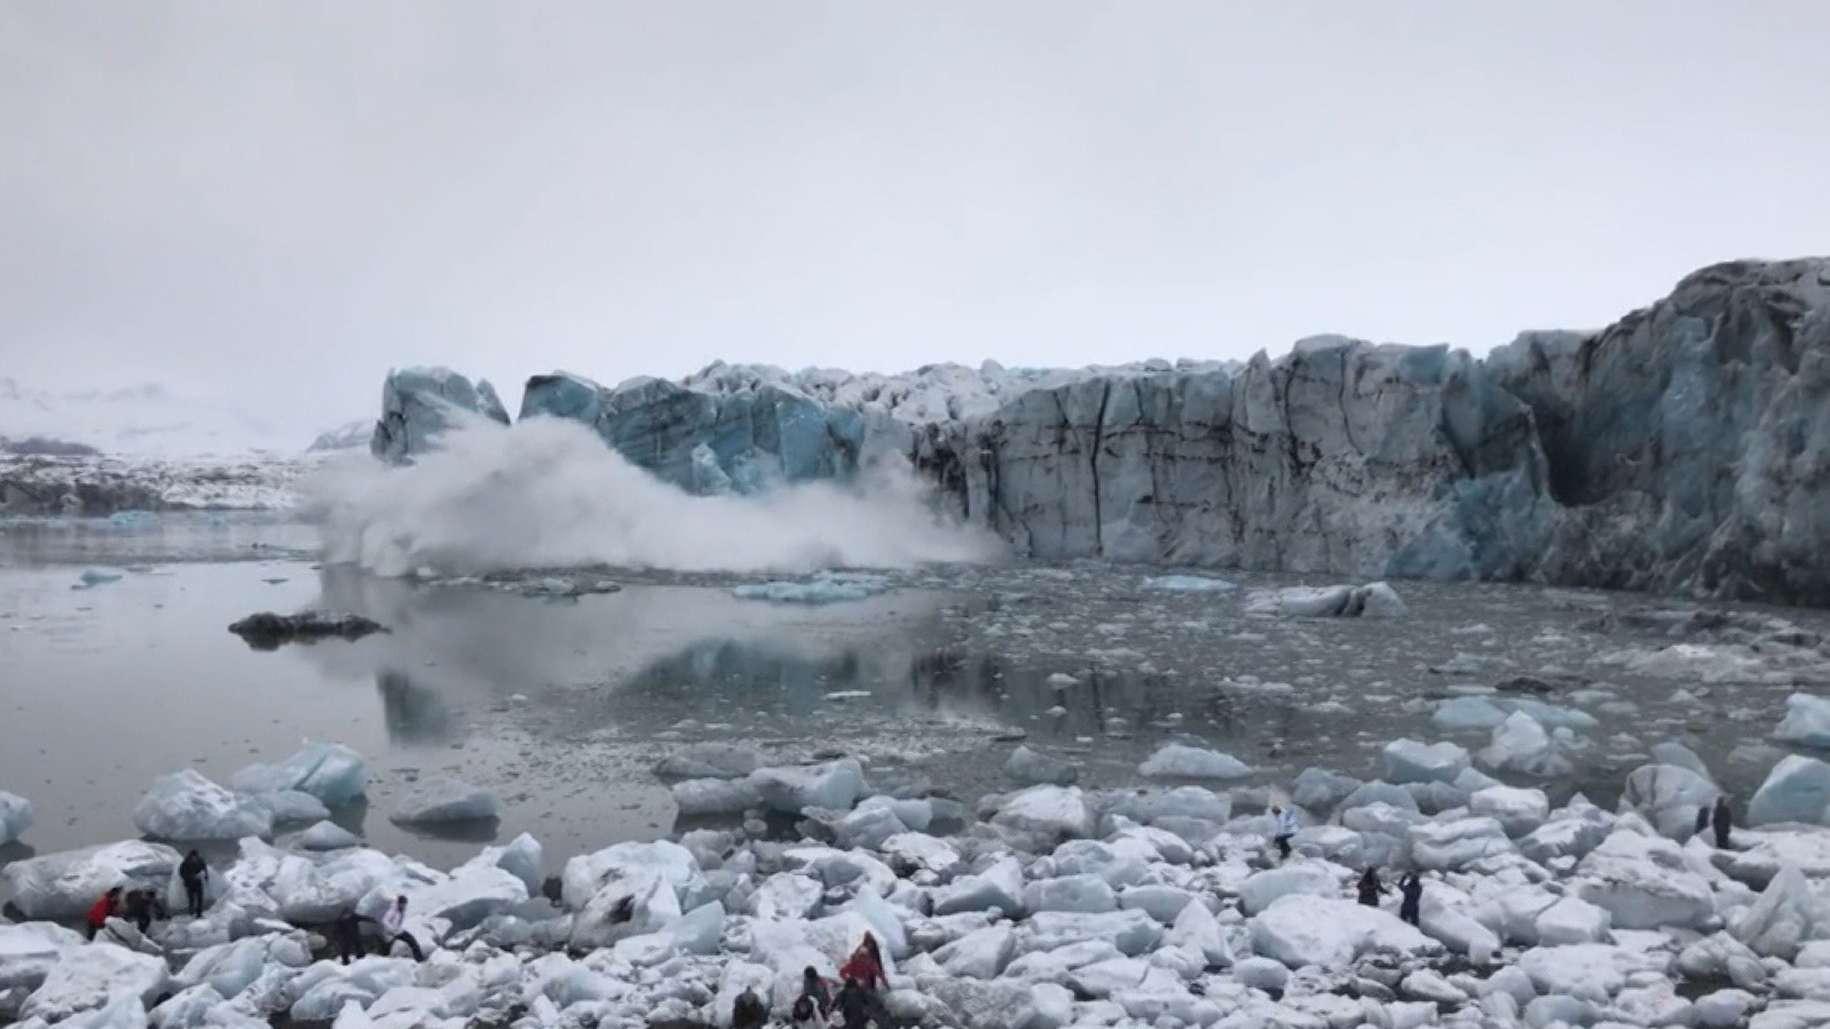 Am Jökulsalon-See stürtzt das Eis eines Gletschers ins Wasser - Touristen bringen sich in Sicherheit